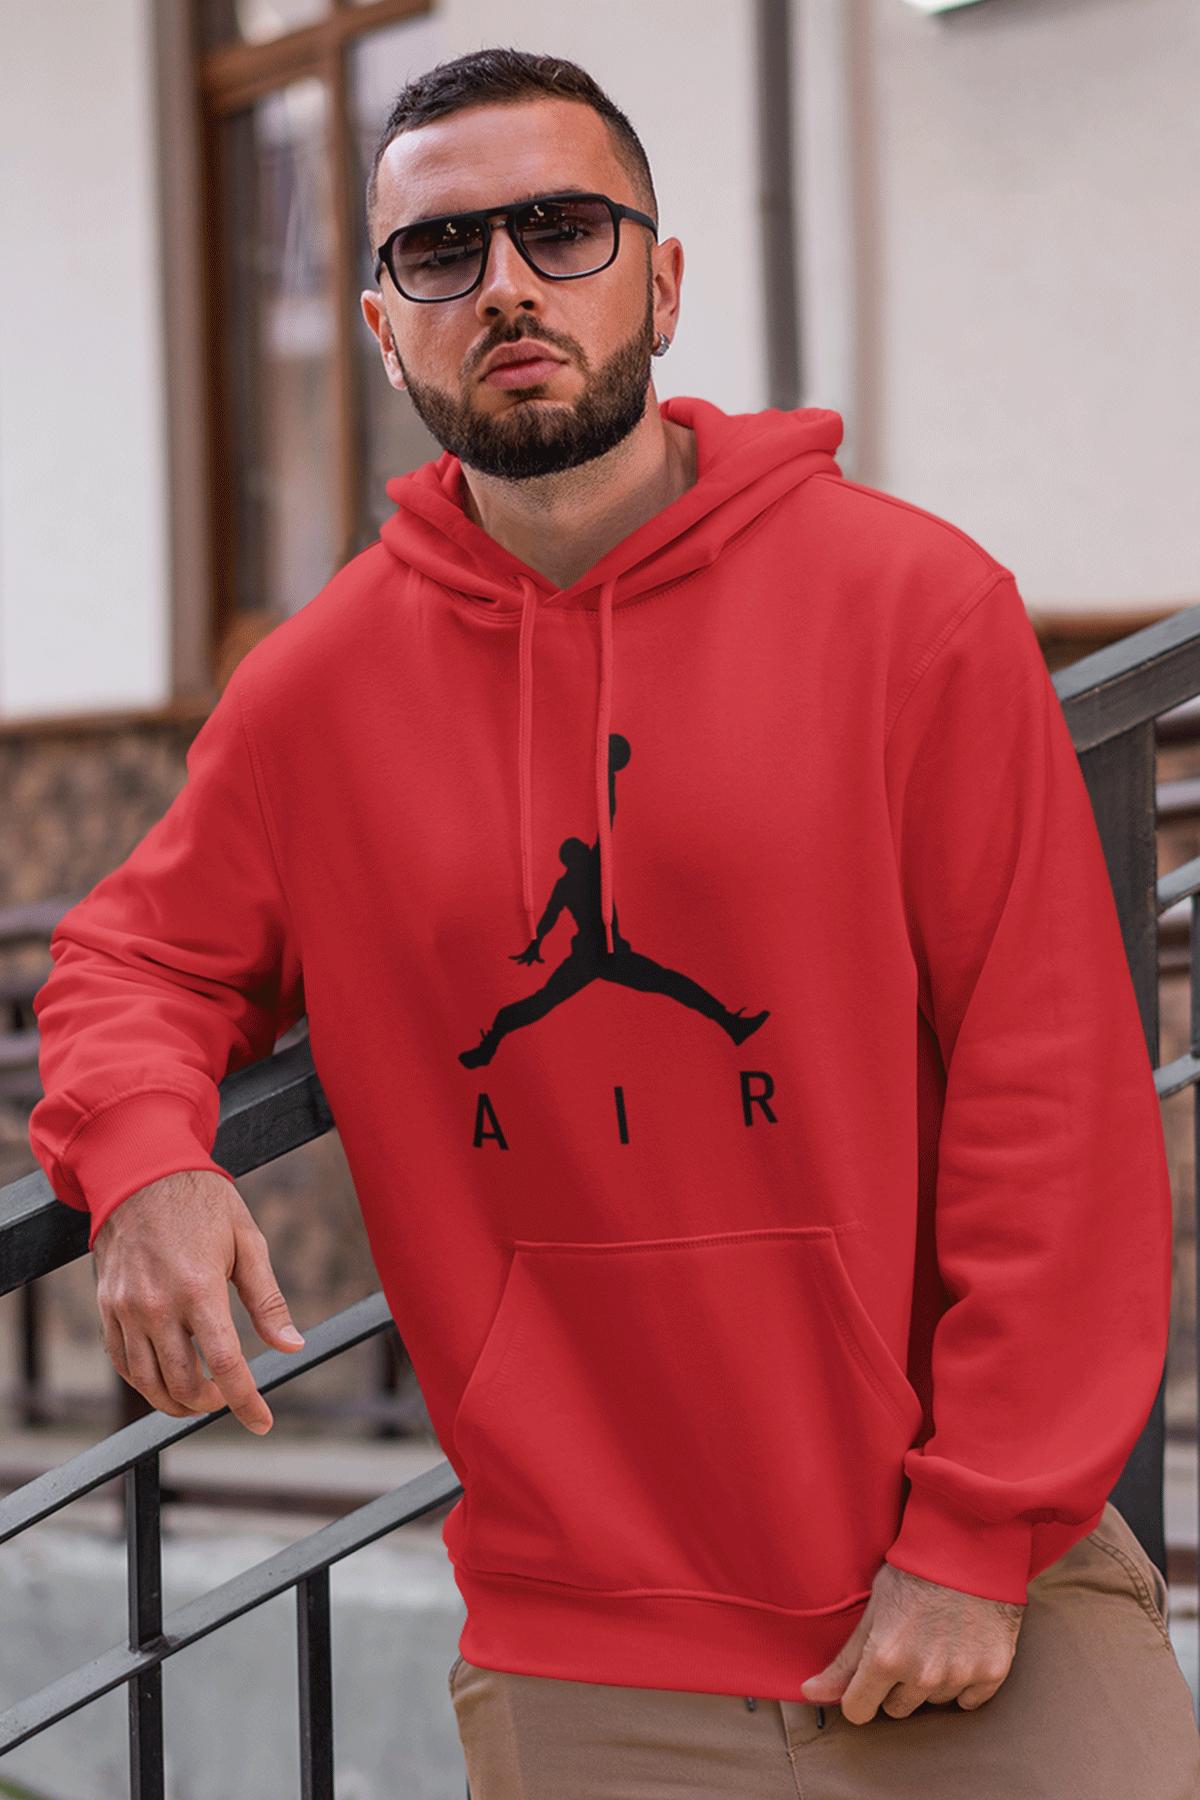 Air Jordan 03 Kırmızı NBA Erkek Kapşonlu Sweatshirt - Hoodie